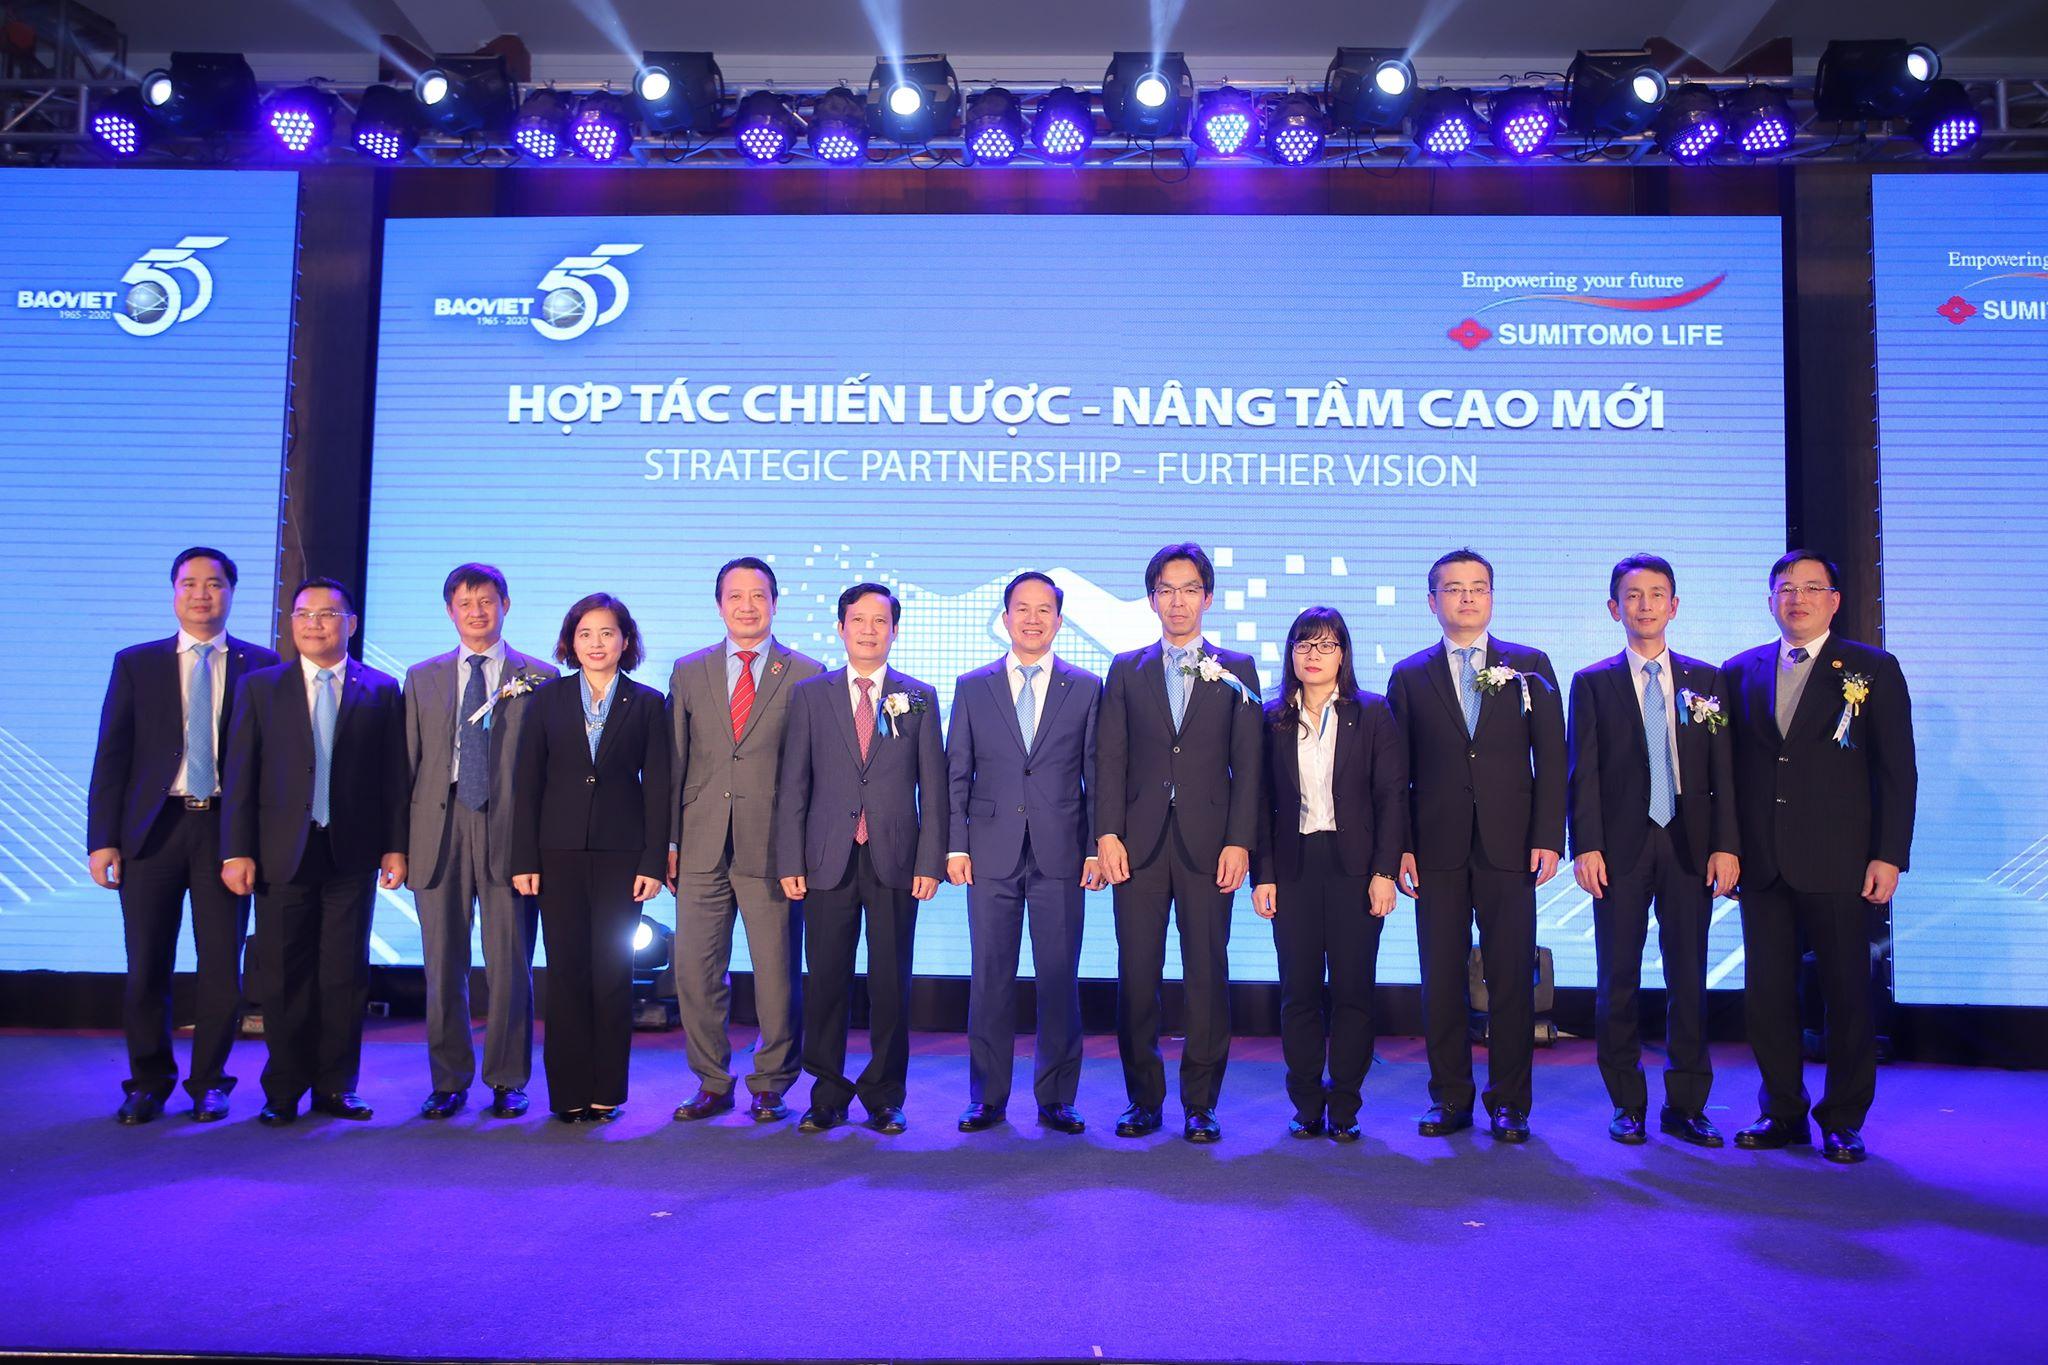 Thương vụ Bảo Việt phát hành riêng lẻ thành công cho Sumitomo Life được thành phố Hà Nội và Thủ tướng Chính phủ ghi nhận là 1 trong 5 Dự án đầu tư tiêu biểu của TP Hà Nội